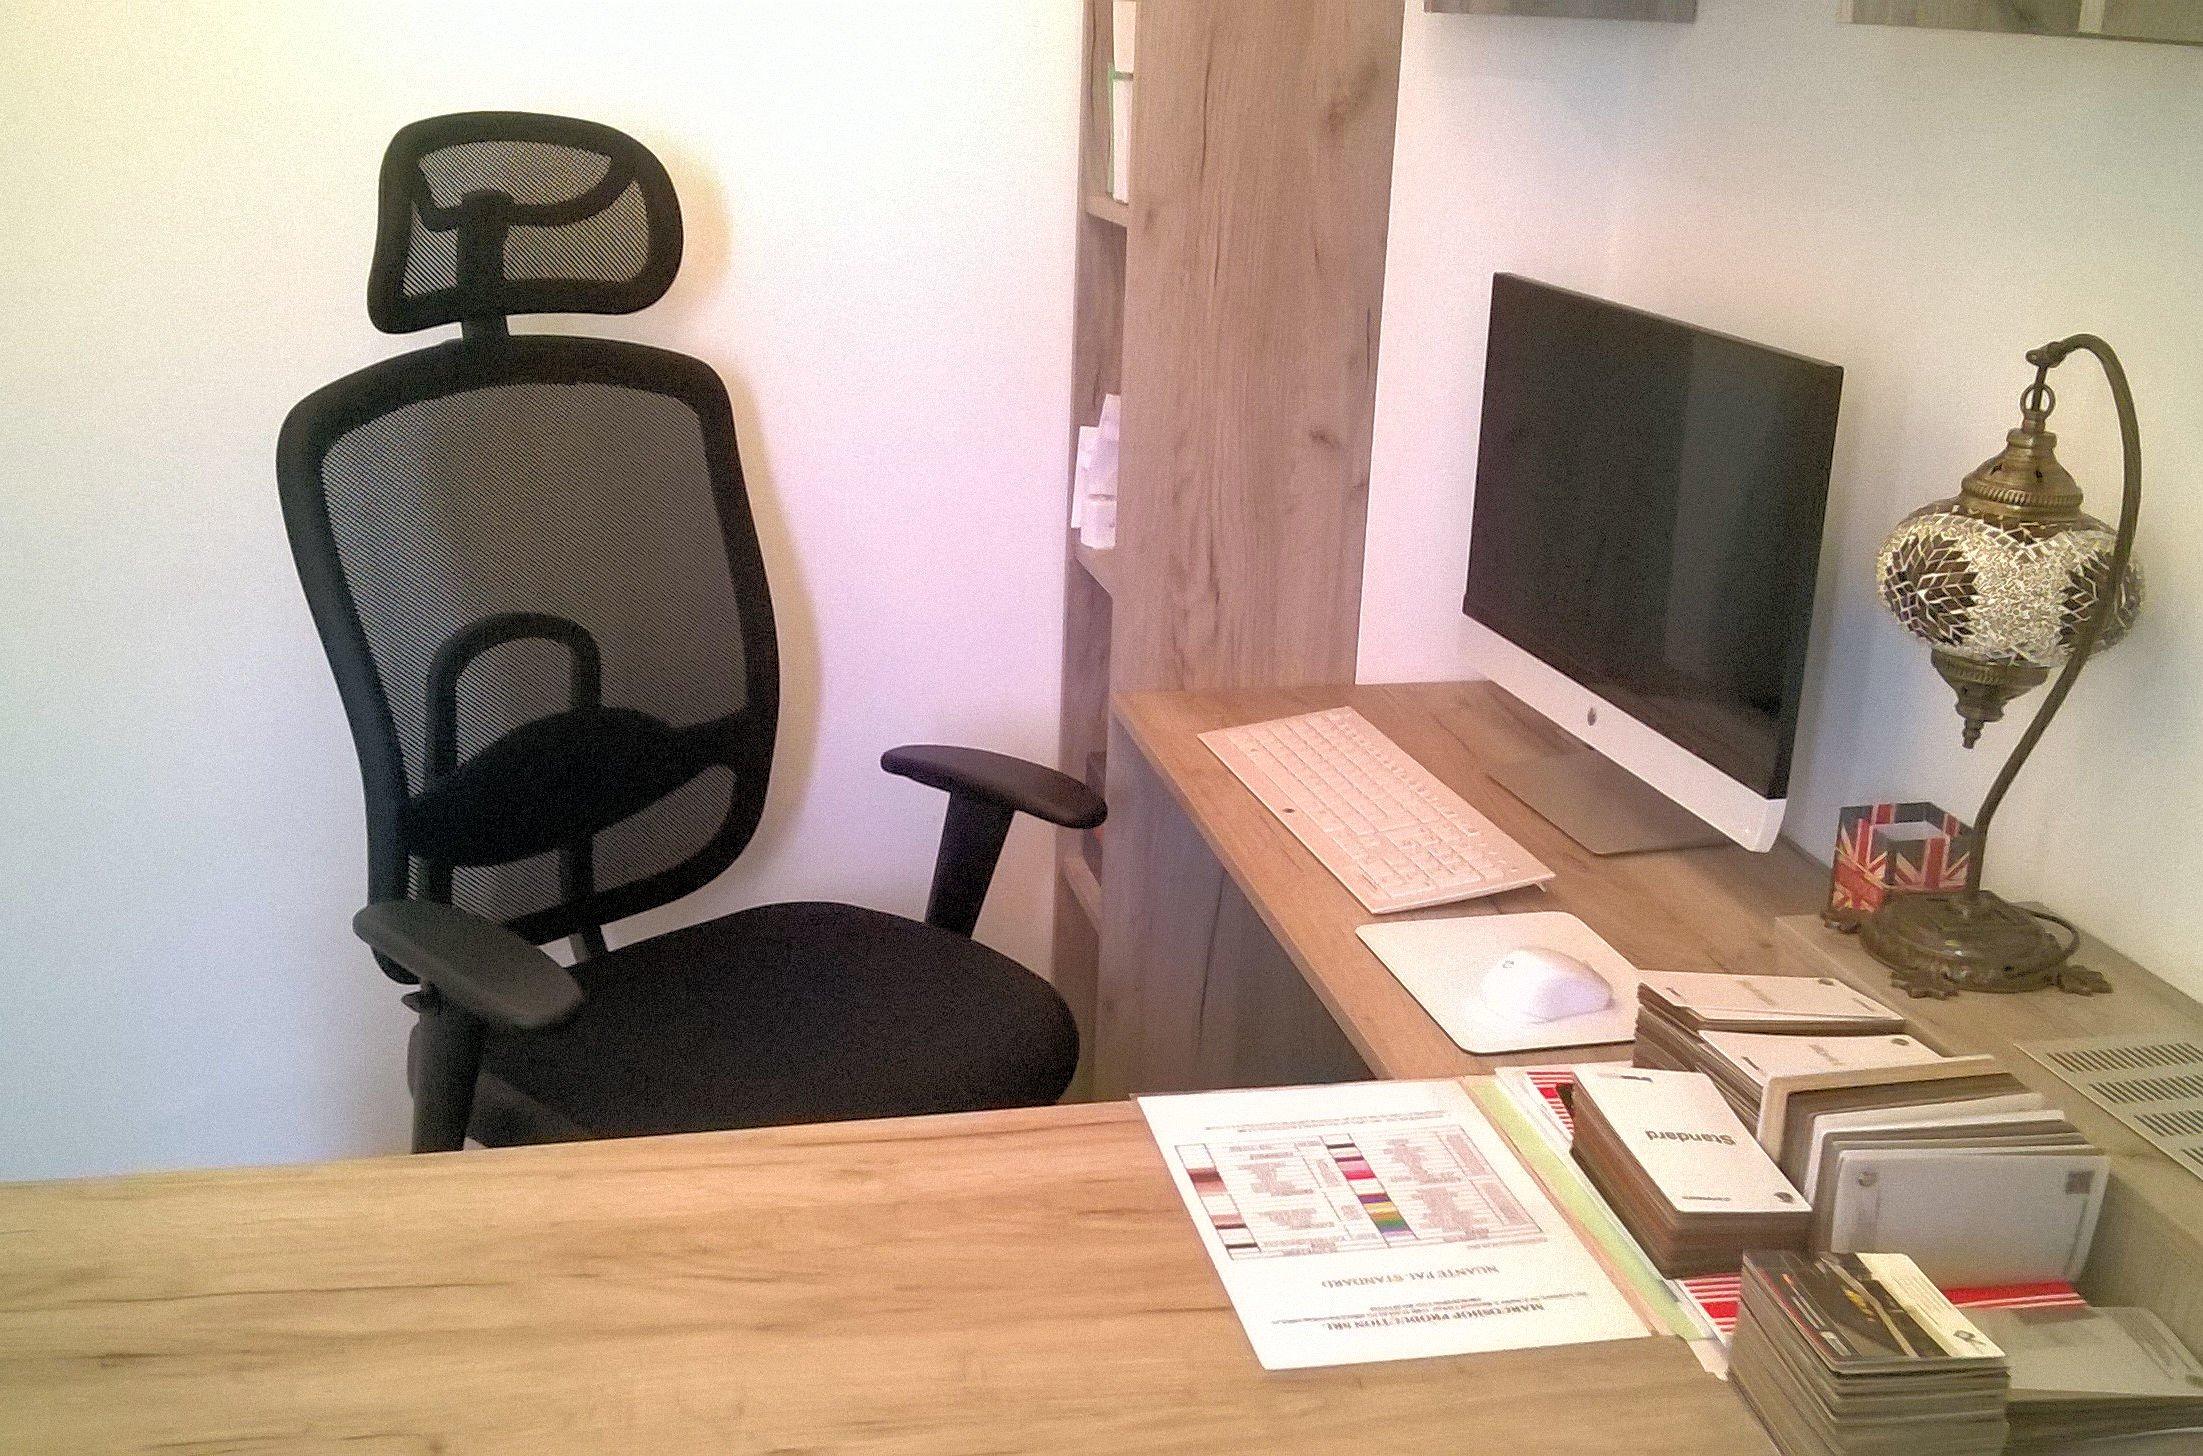 Oklahoma PDH - Scaunul ideal pentru cei care petrec mult timp la birou în fața calculatorului 3